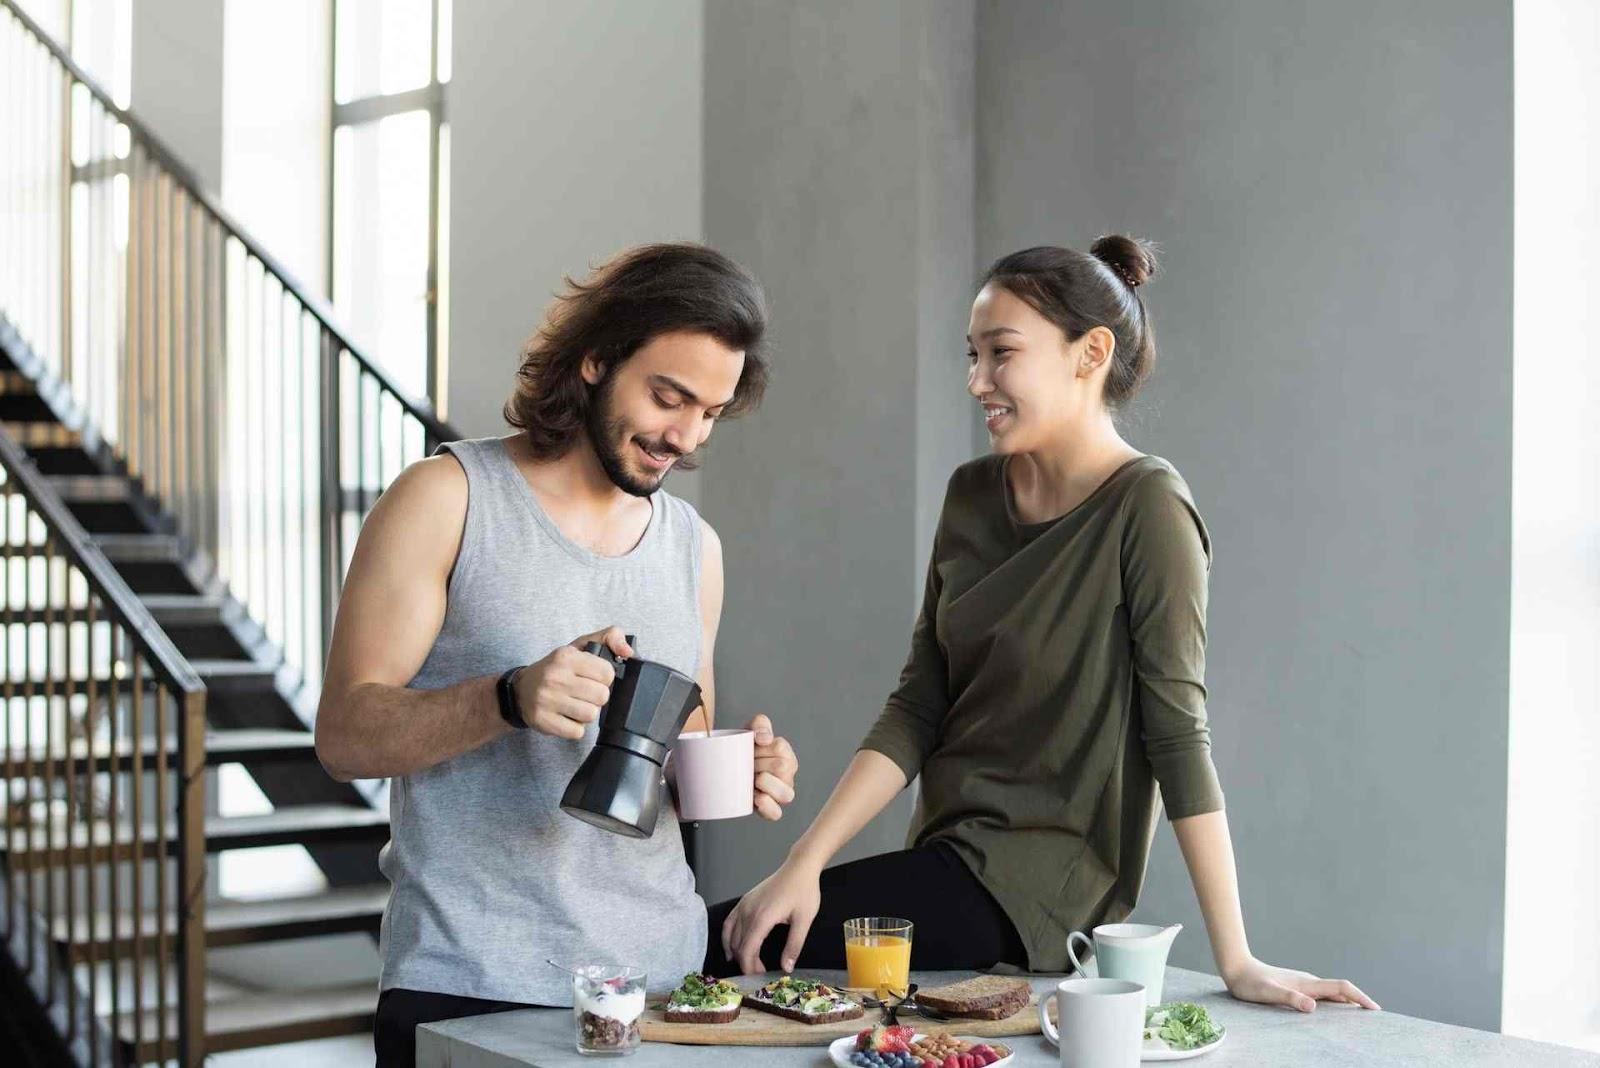 Às vezes é dando um sorriso ao outro que seu medo de desagradar faz o seu sorriso se perder.